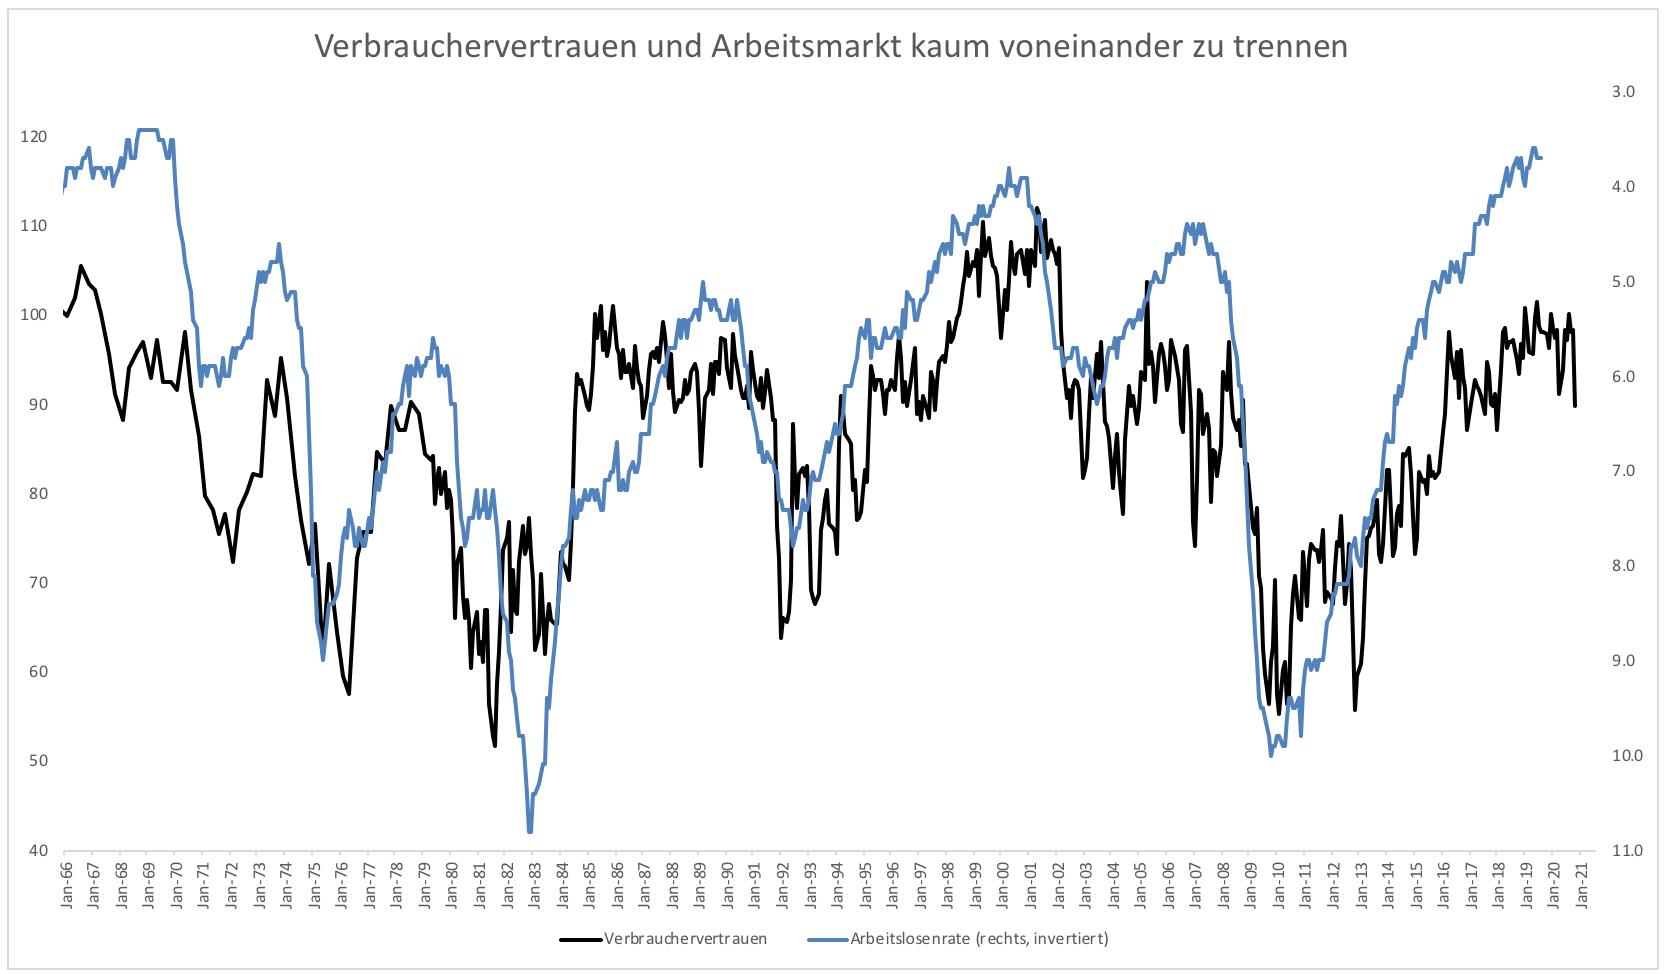 Kann-die-Fed-wirklich-so-blind-sein-Kommentar-Clemens-Schmale-GodmodeTrader.de-1